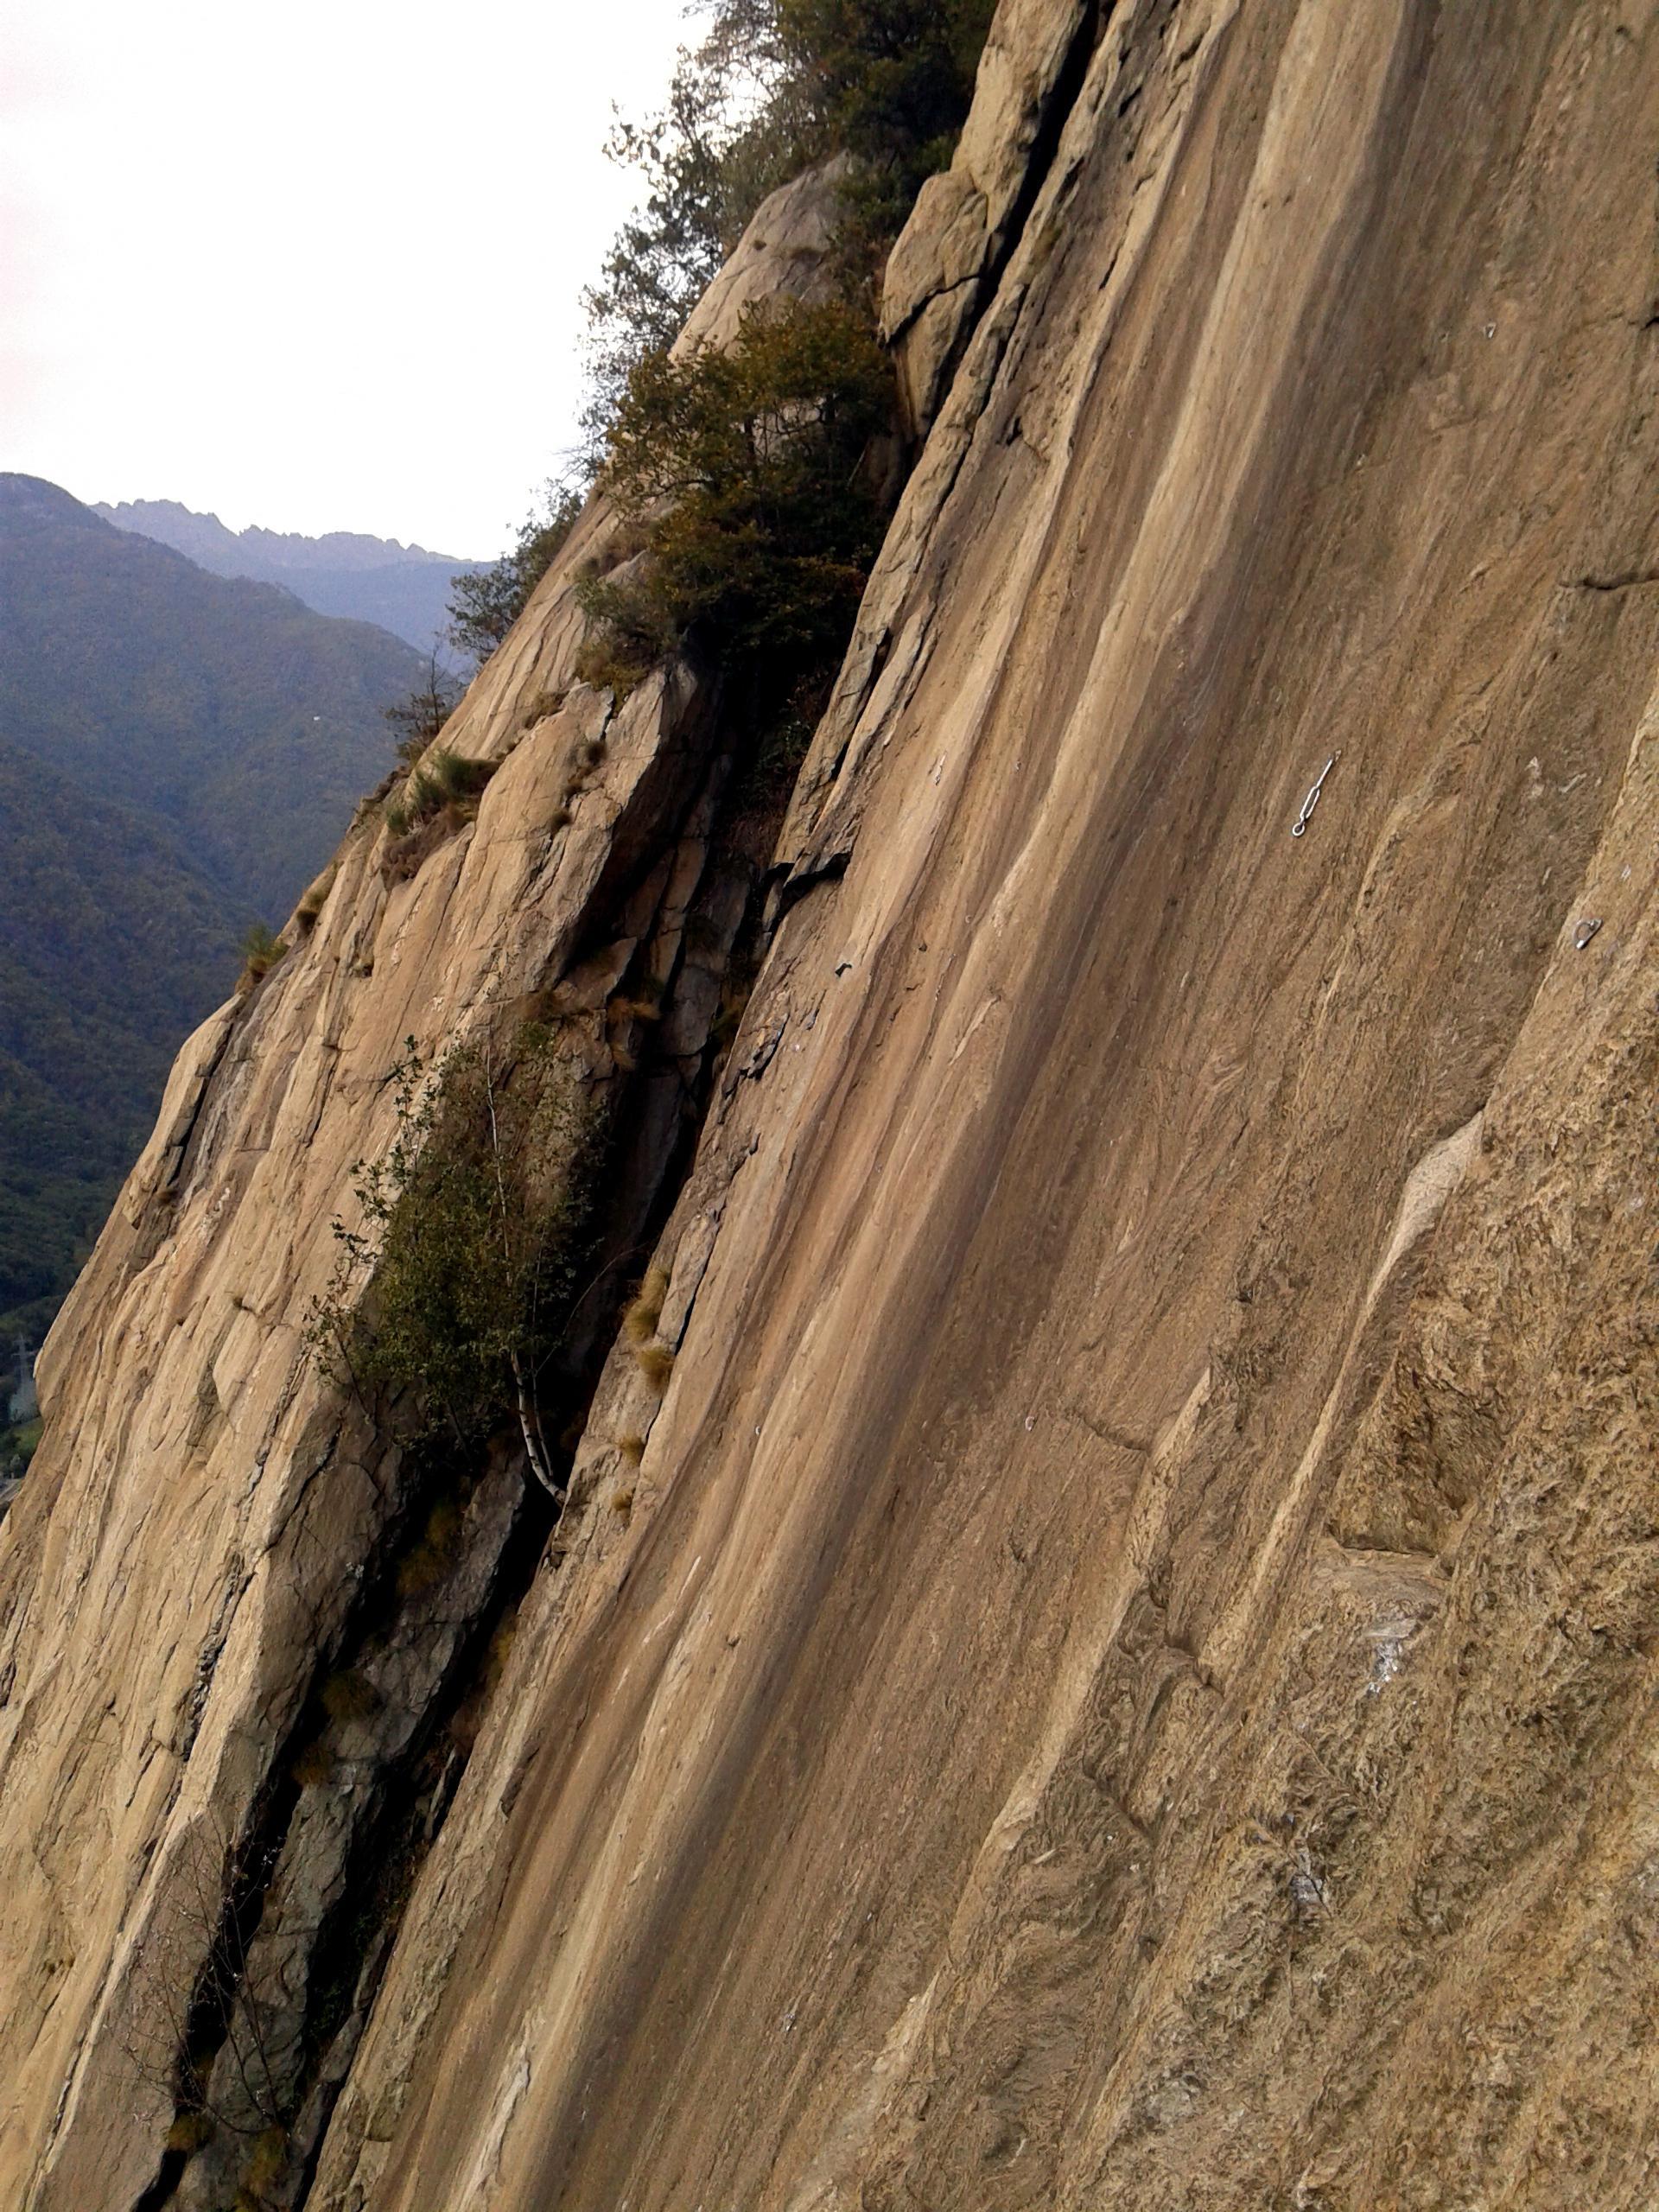 Vista della parete accanto alla sosta del secondo tiro di Bucce d'arancia...praticamente uno scivolo verso il baratro